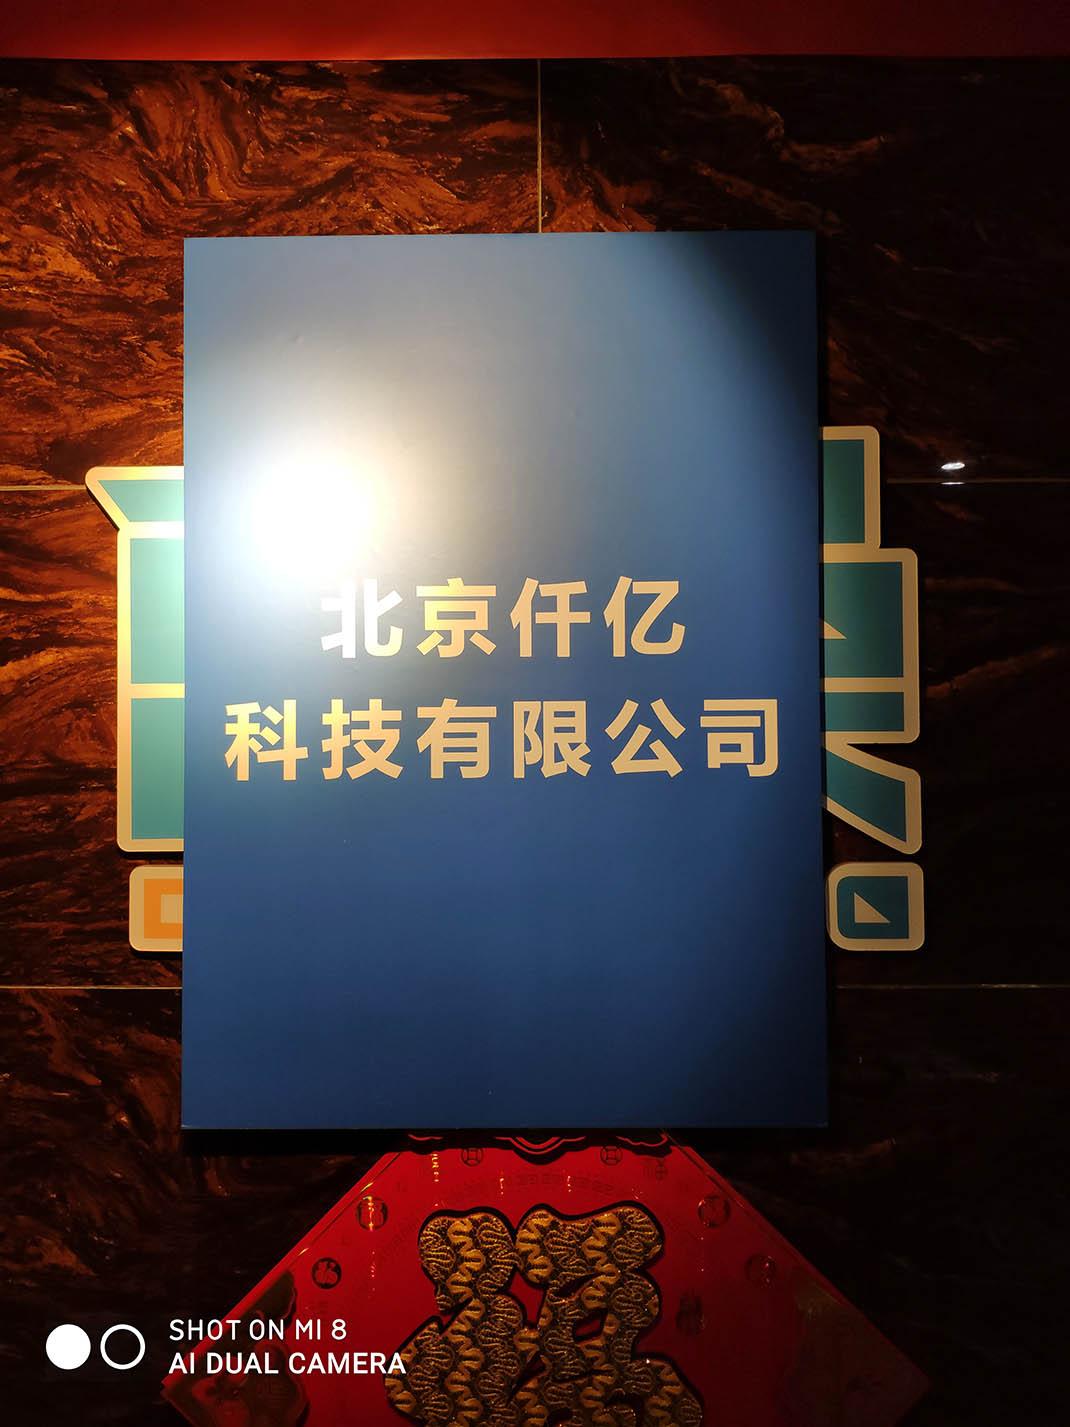 北京仟亿科技有限公司-005.jpg